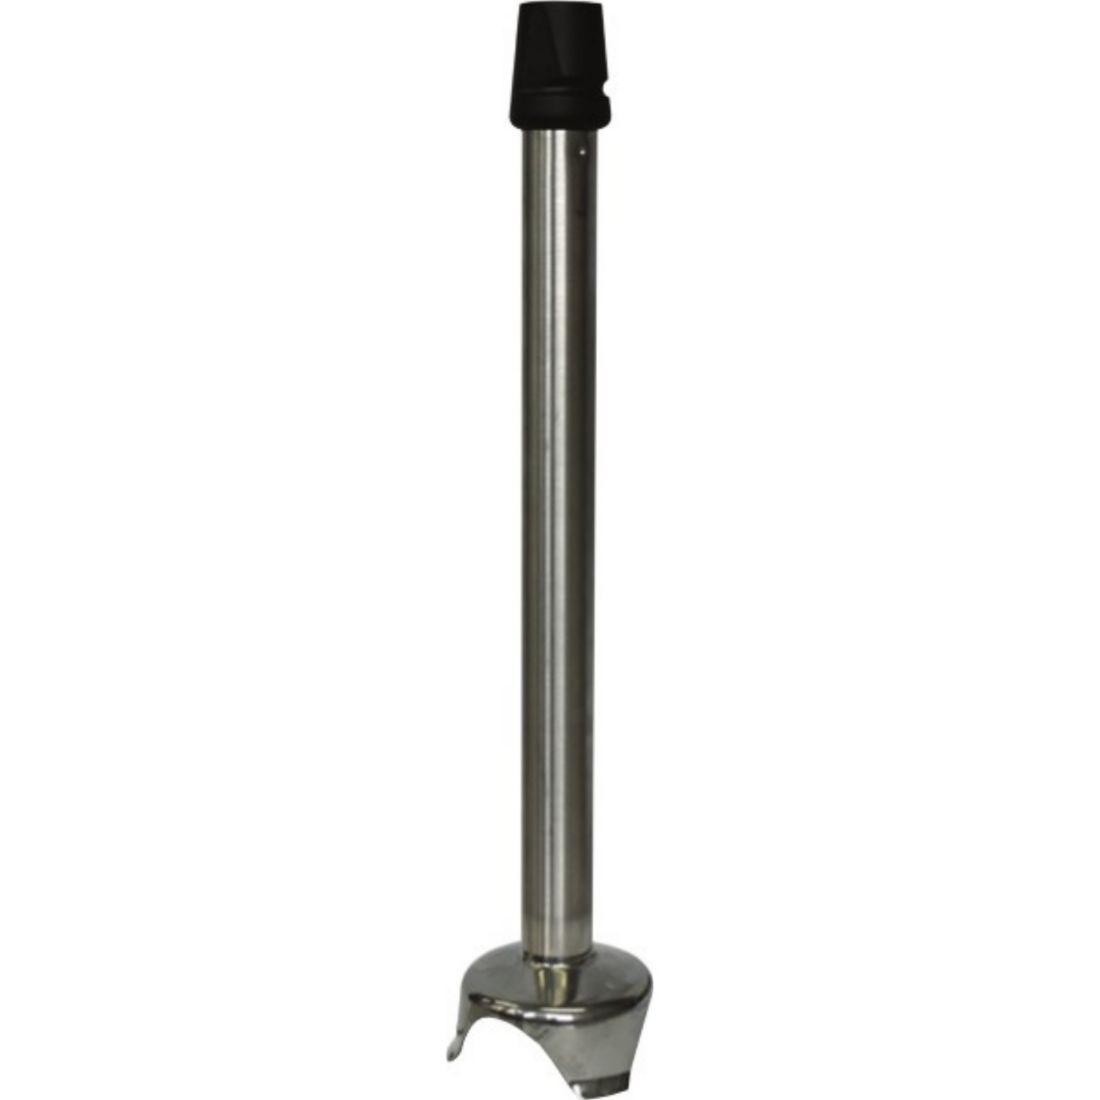 Mixovací tyč XL 40 cm